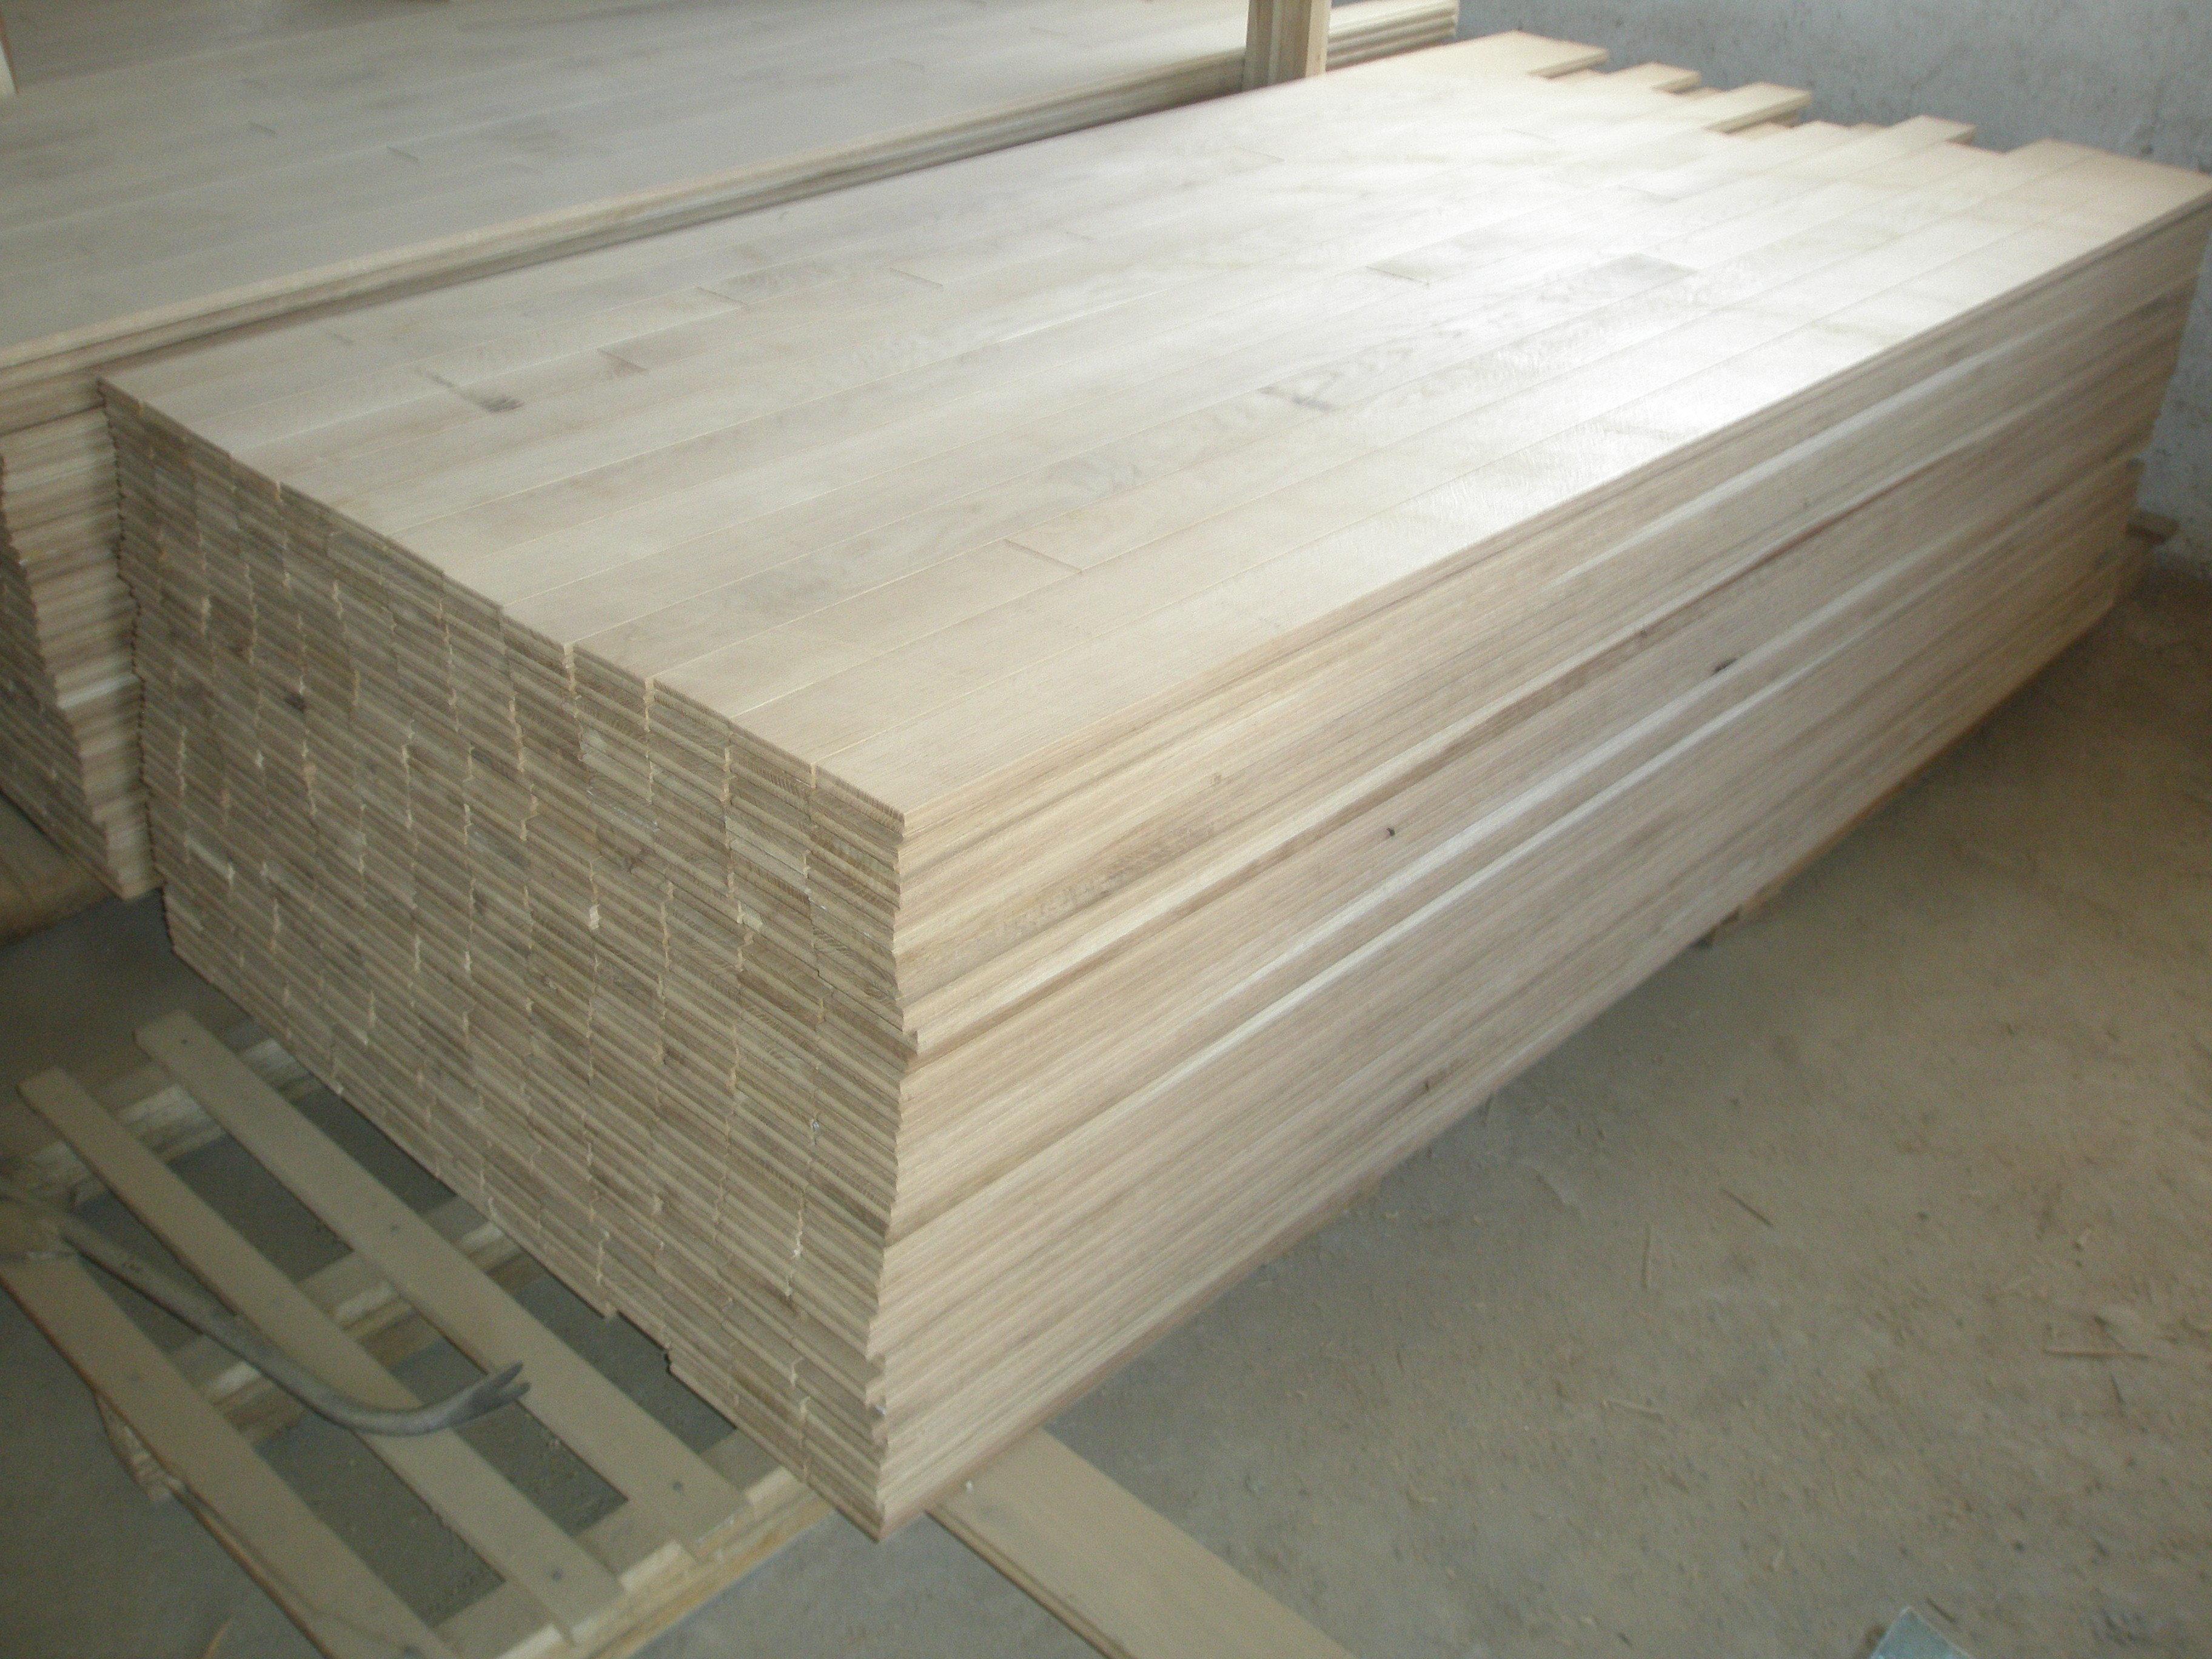 Plancher parquet prix travaux devis en ligne calais entreprise pwotai - Plancher bois hydrofuge ...